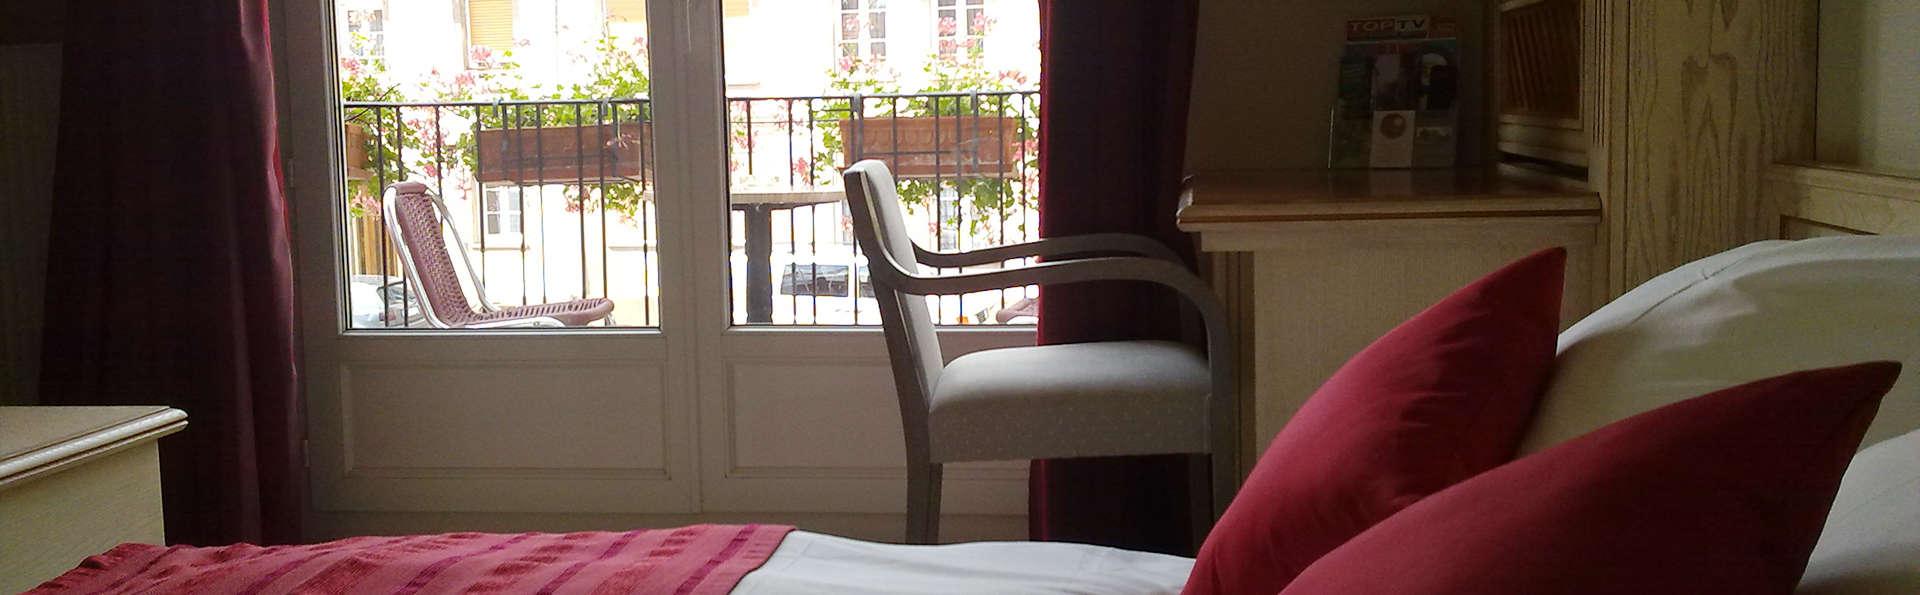 Cour du Tonnelier - EDIT_room3.jpg